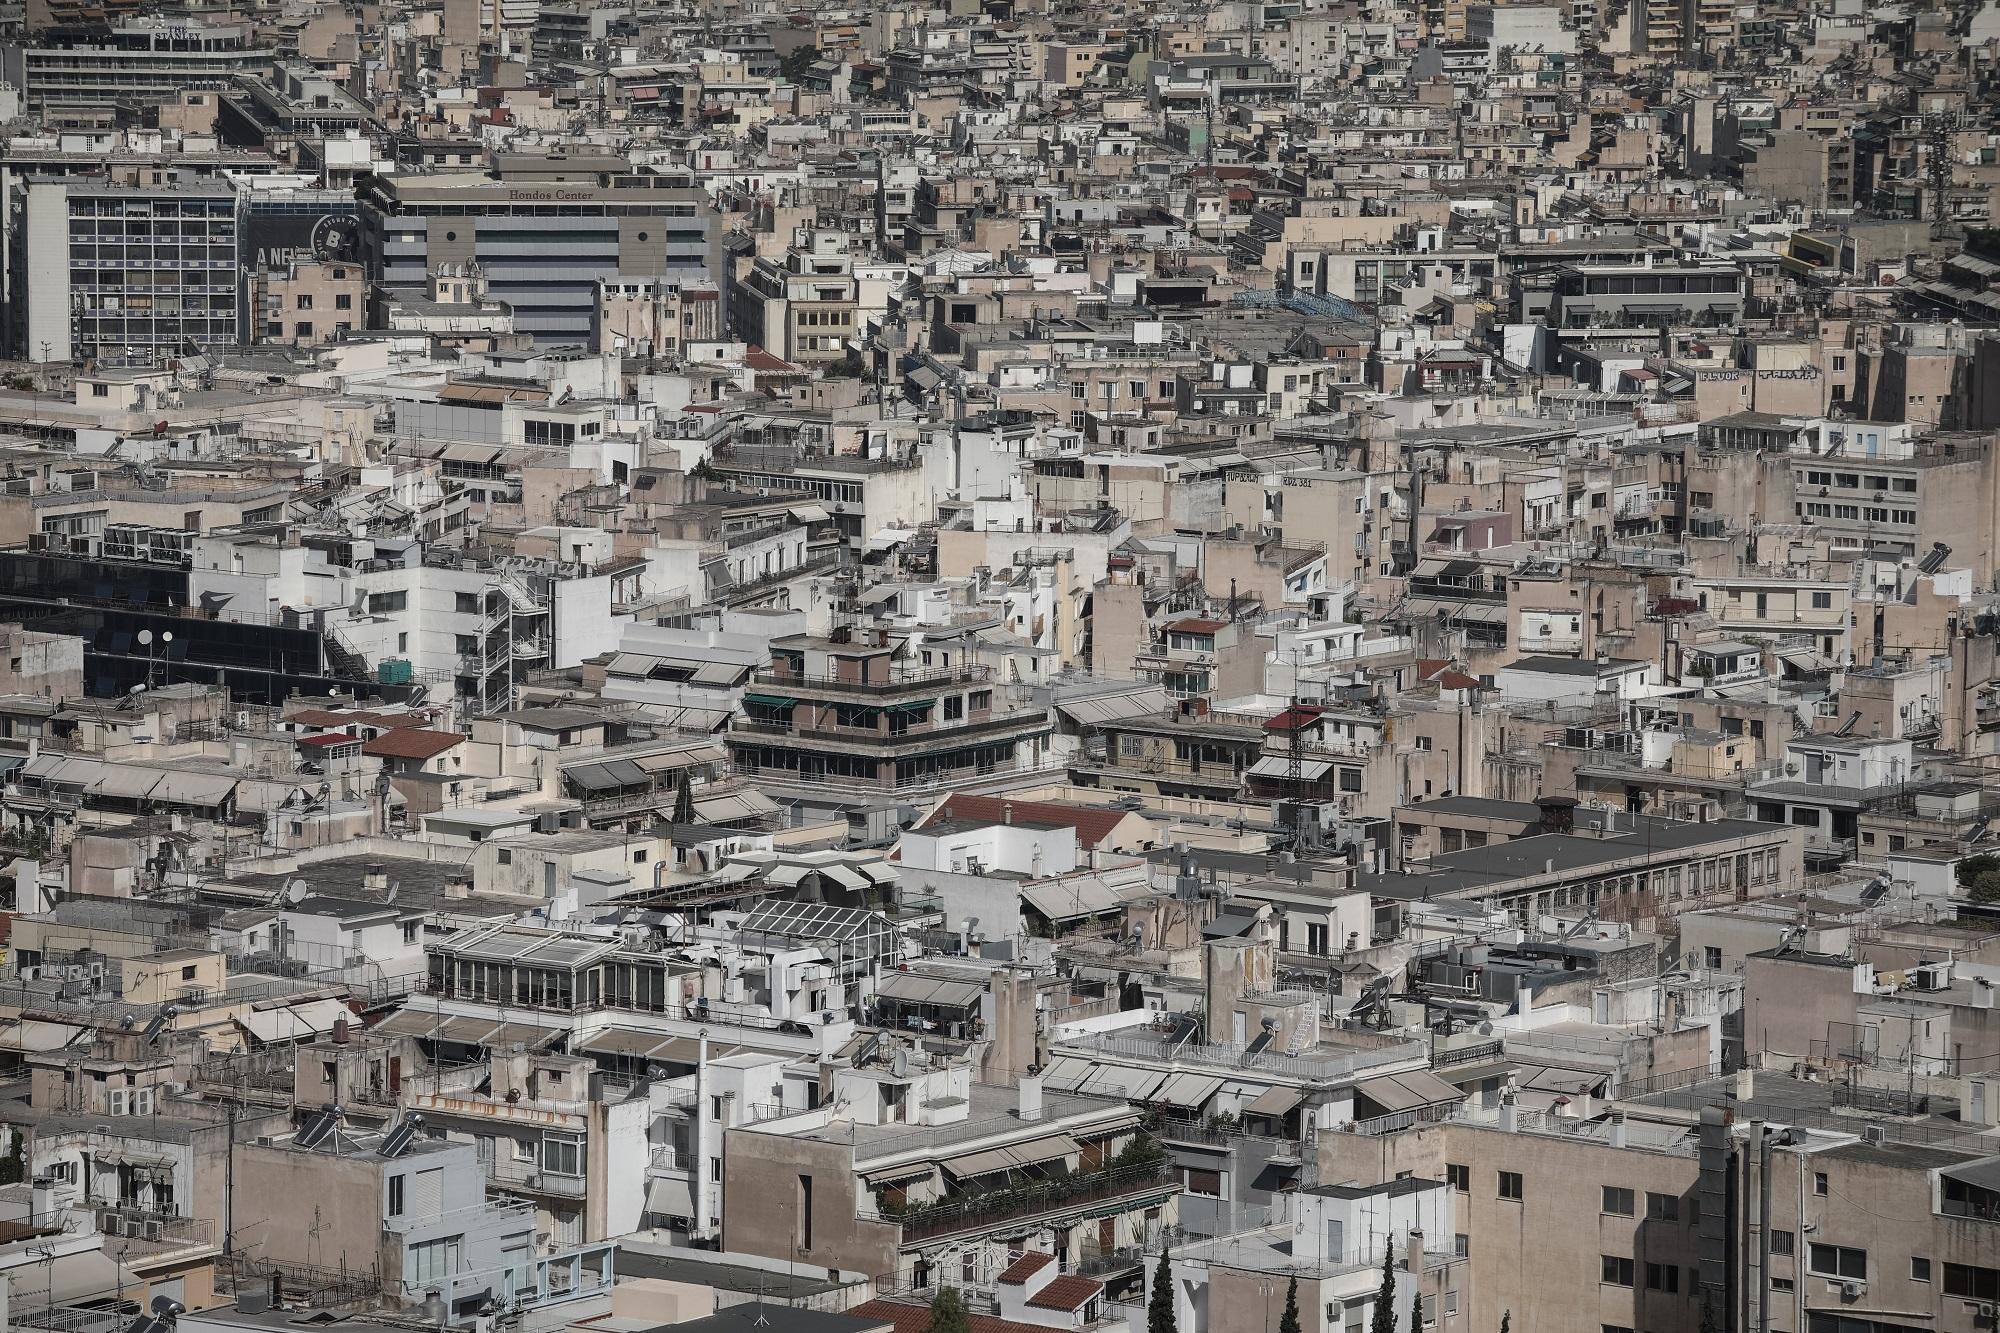 Δήμος Αθηναίων: «Δίχτυ» προστασίας για τον ευάλωτο πληθυσμό της πόλης